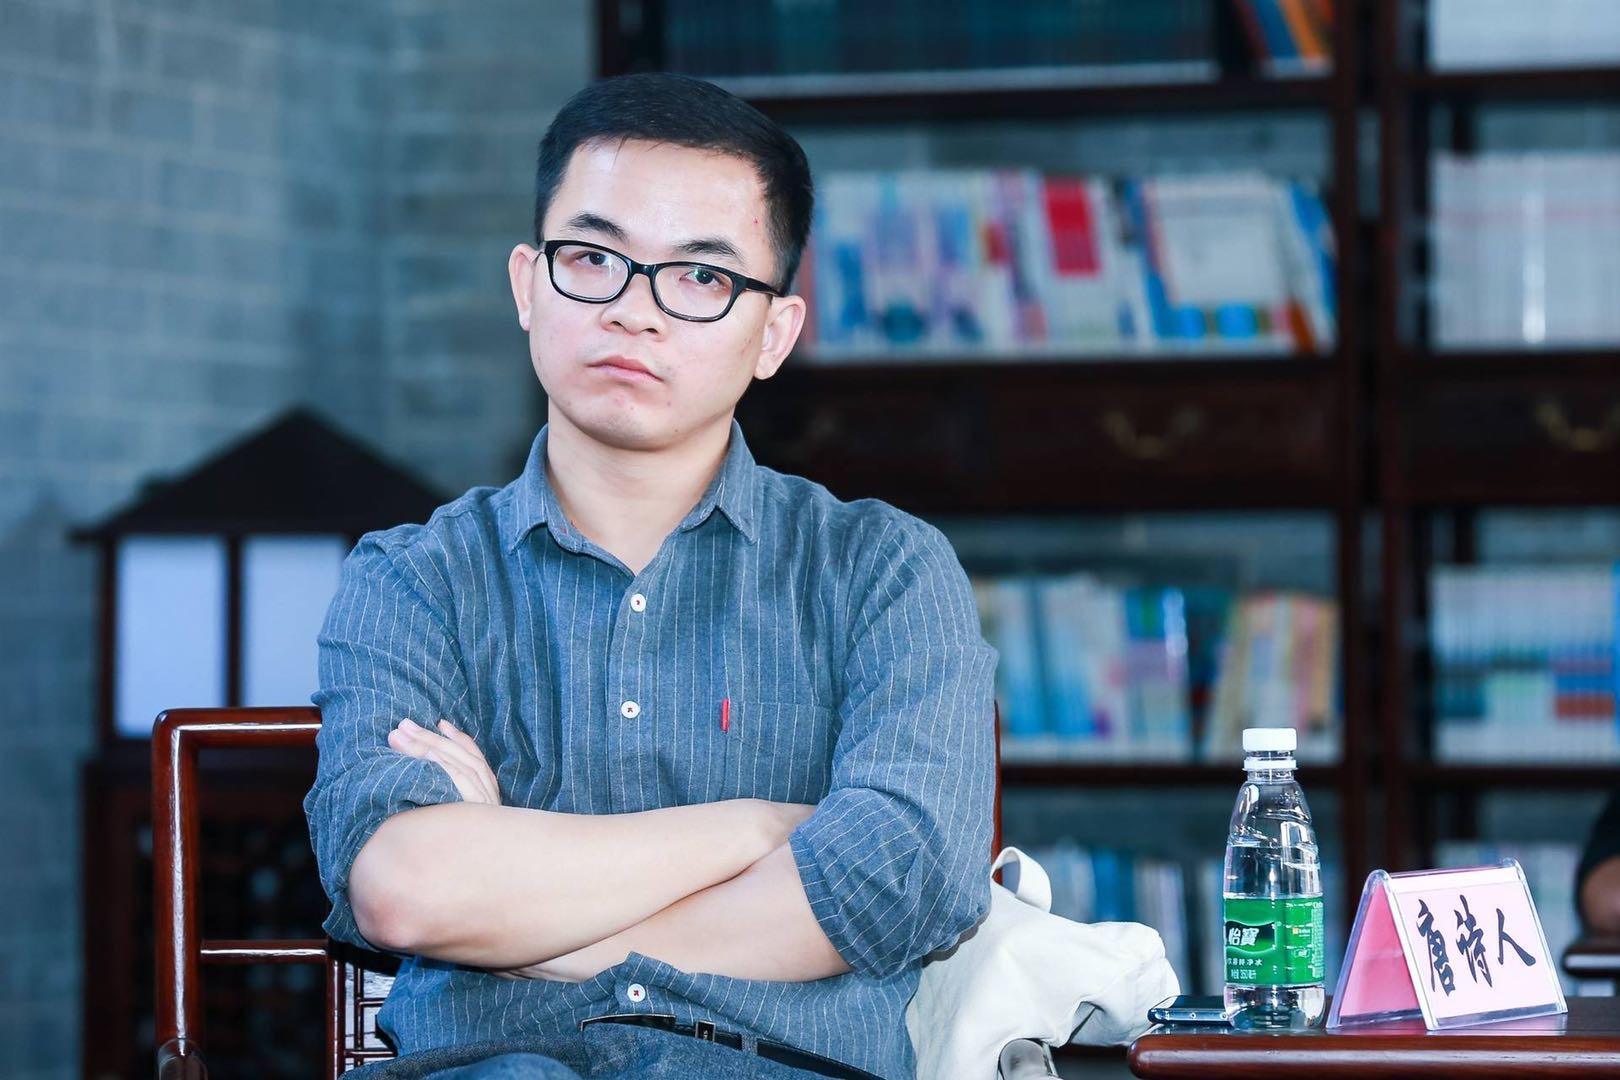 顾广梅、唐诗人、赵荔红、赵月斌:我的2019书单·虚构